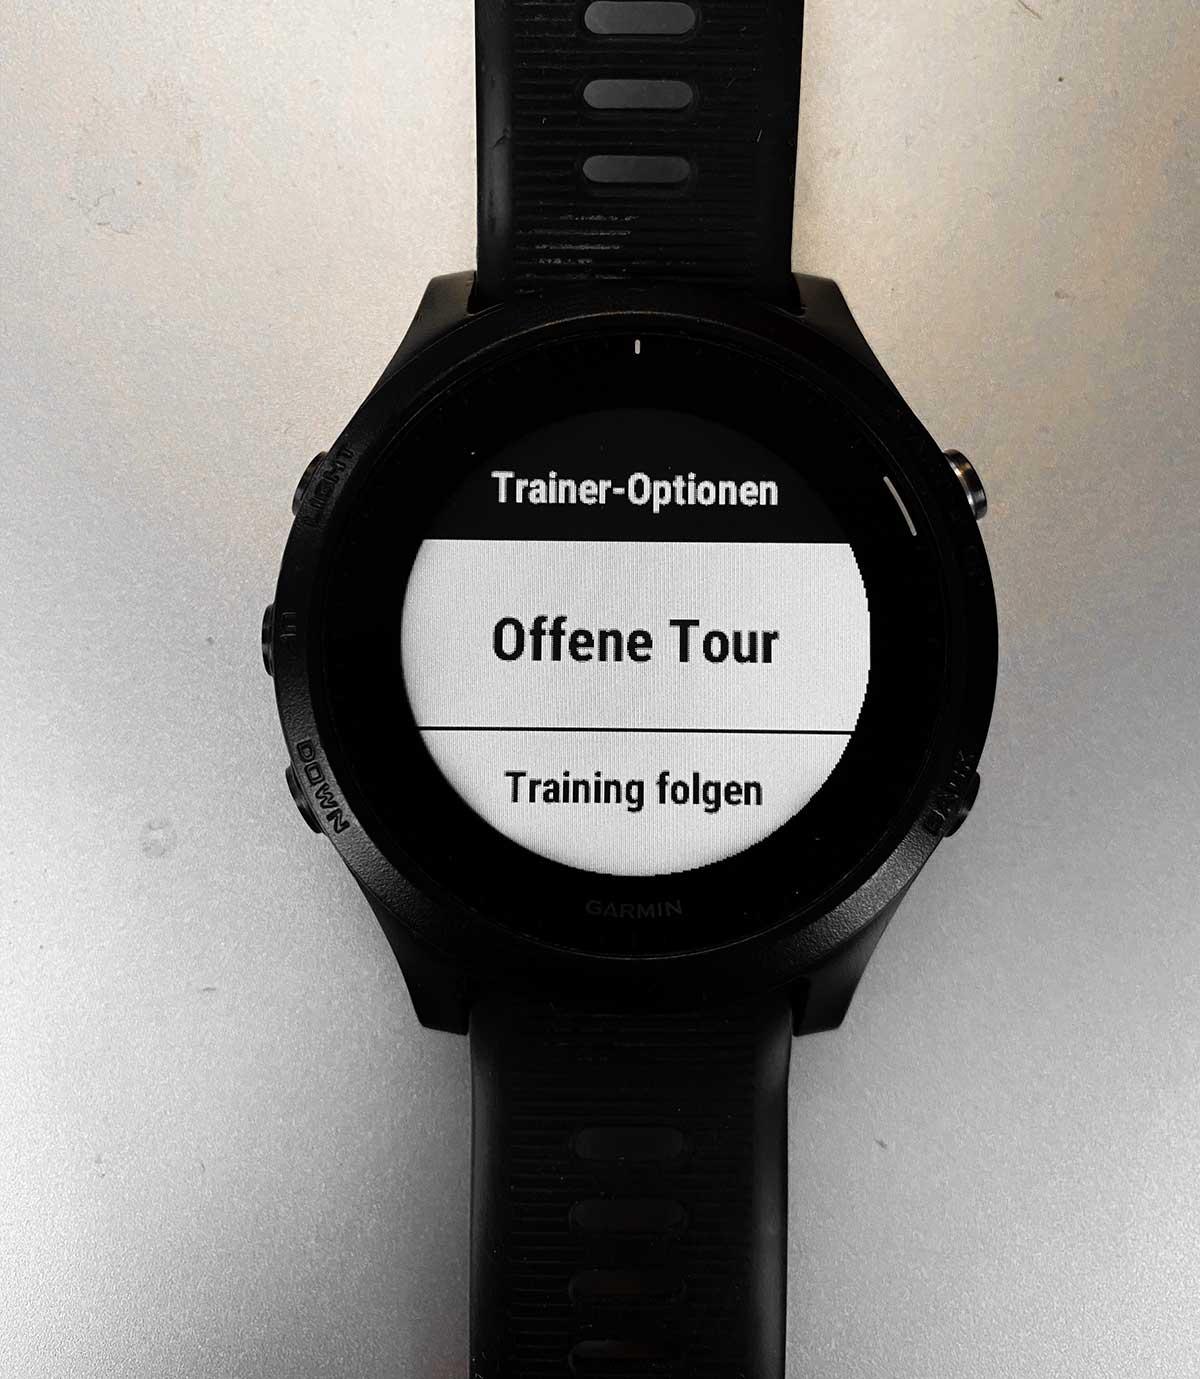 Garmin Smarttrainer Steuerung